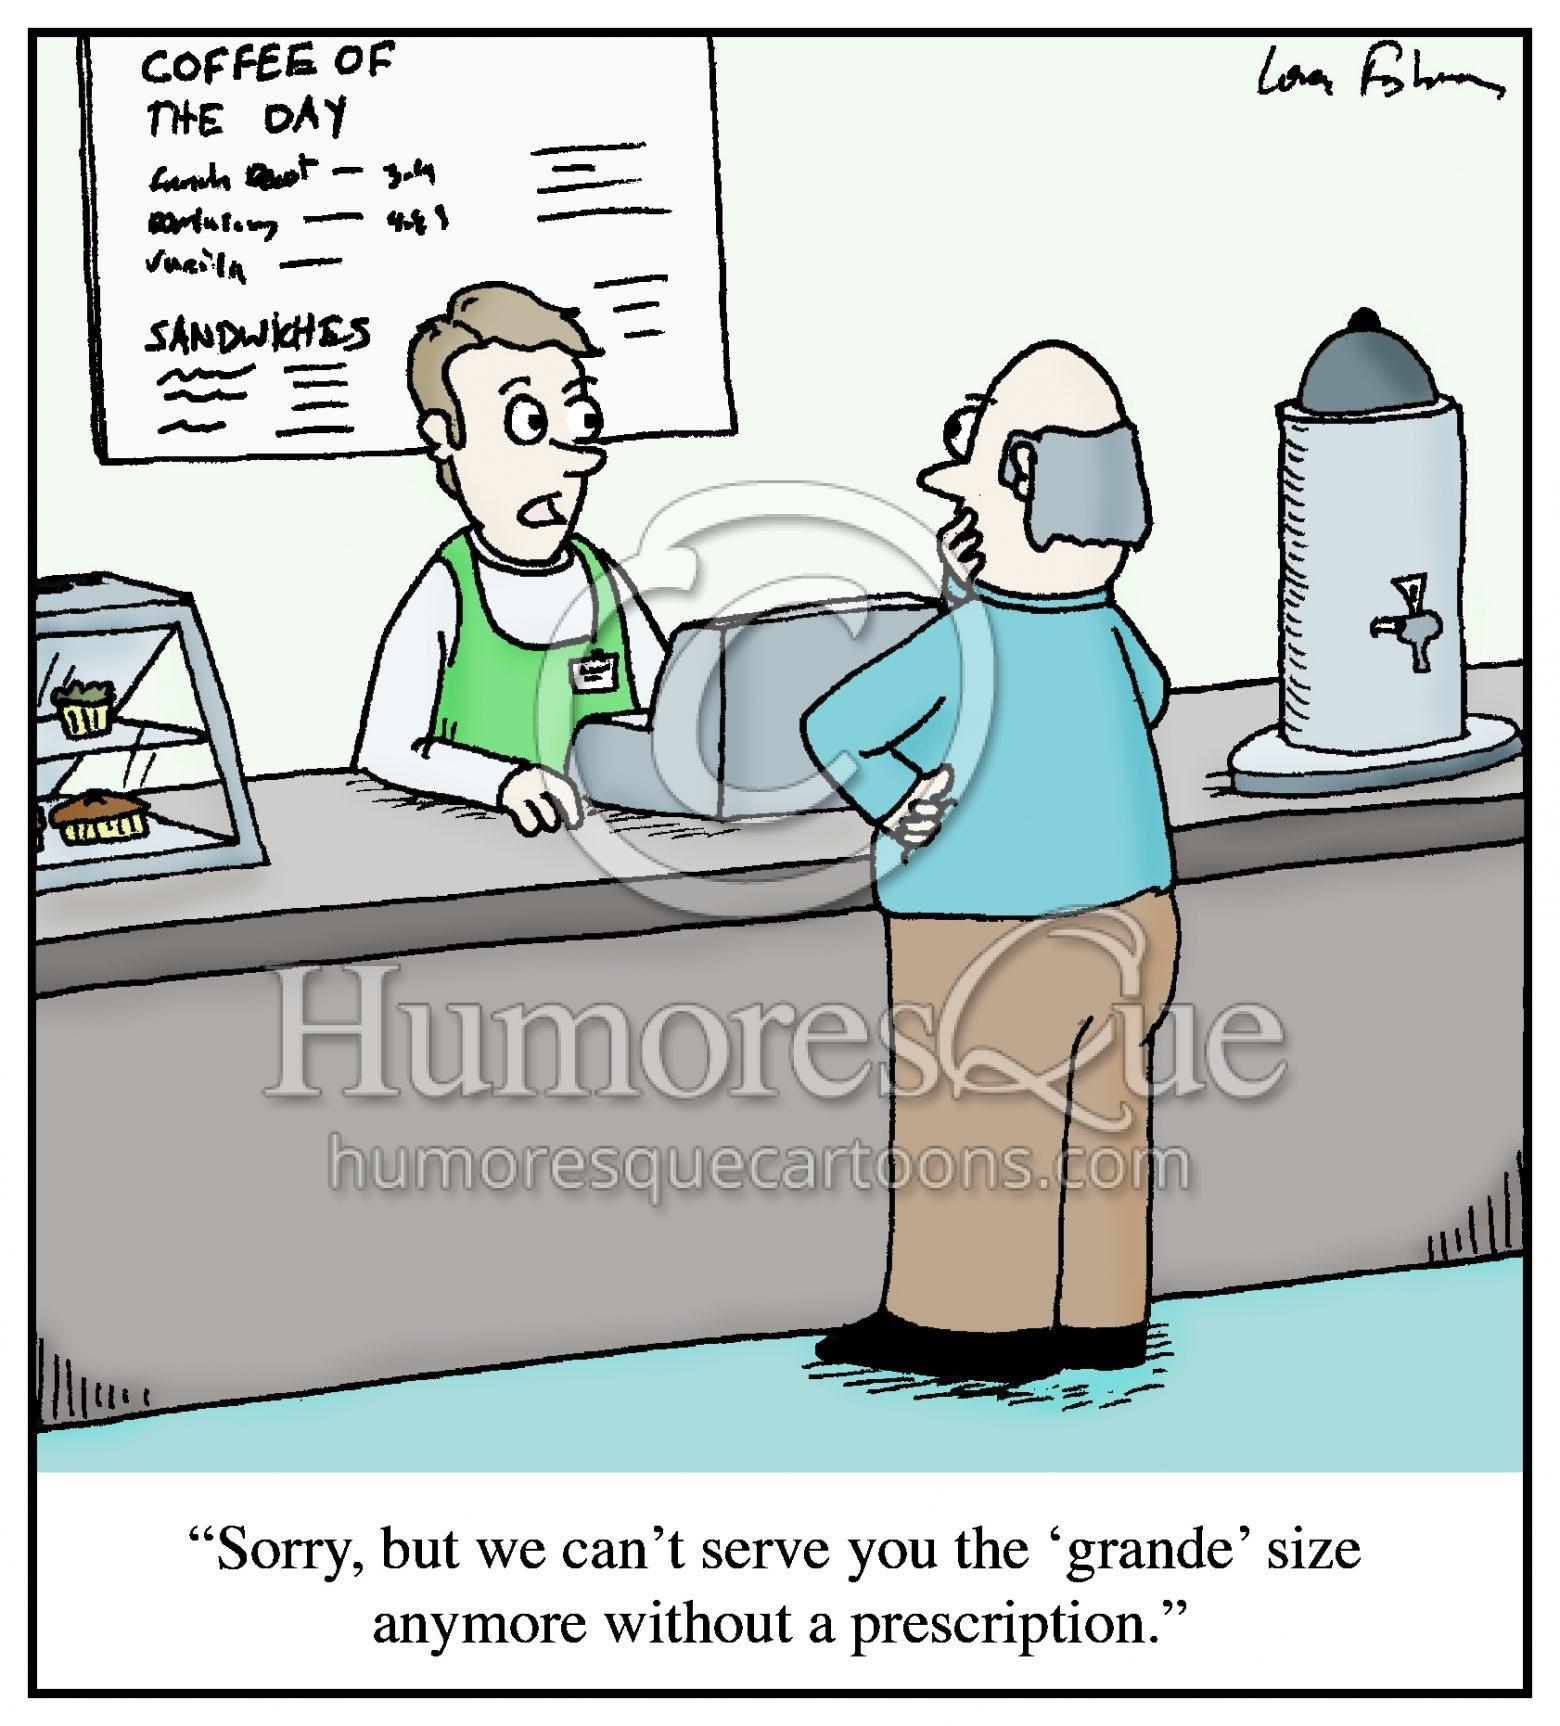 grande coffee prescription drug cartoon